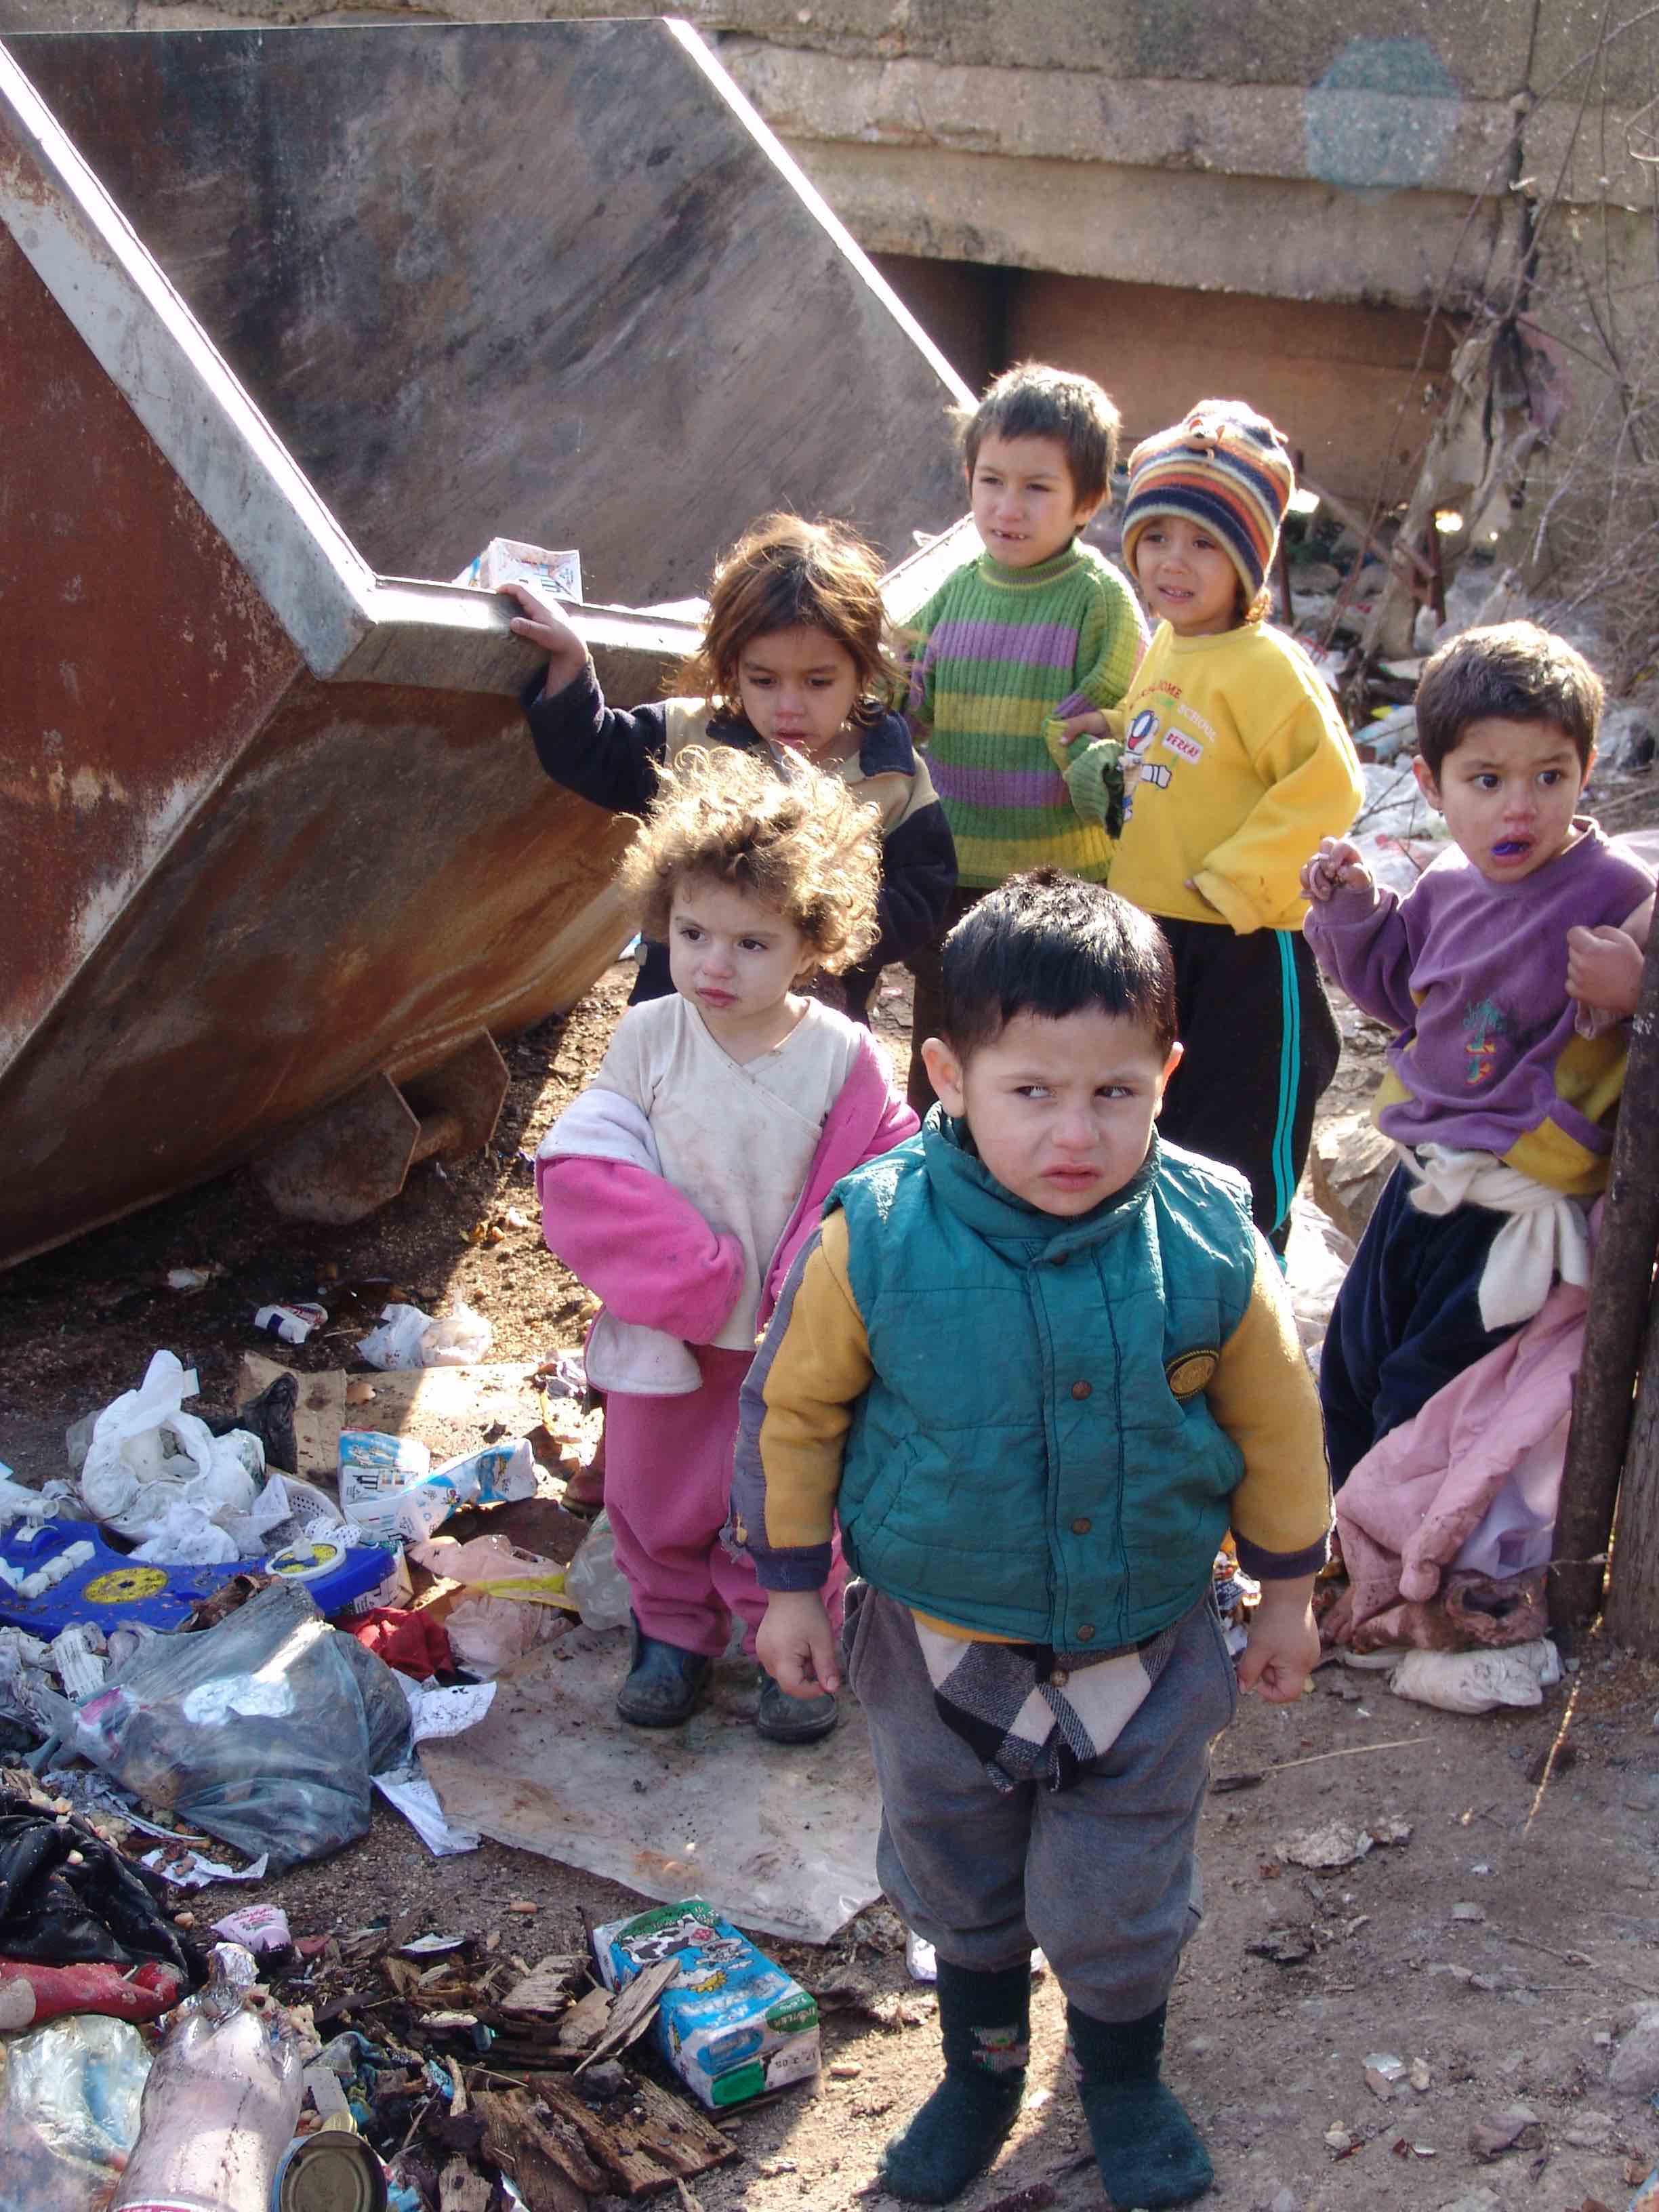 <p>En 2006, niños romaníes caminan entre los contenedores de basura de Cesmin Lug.</p>